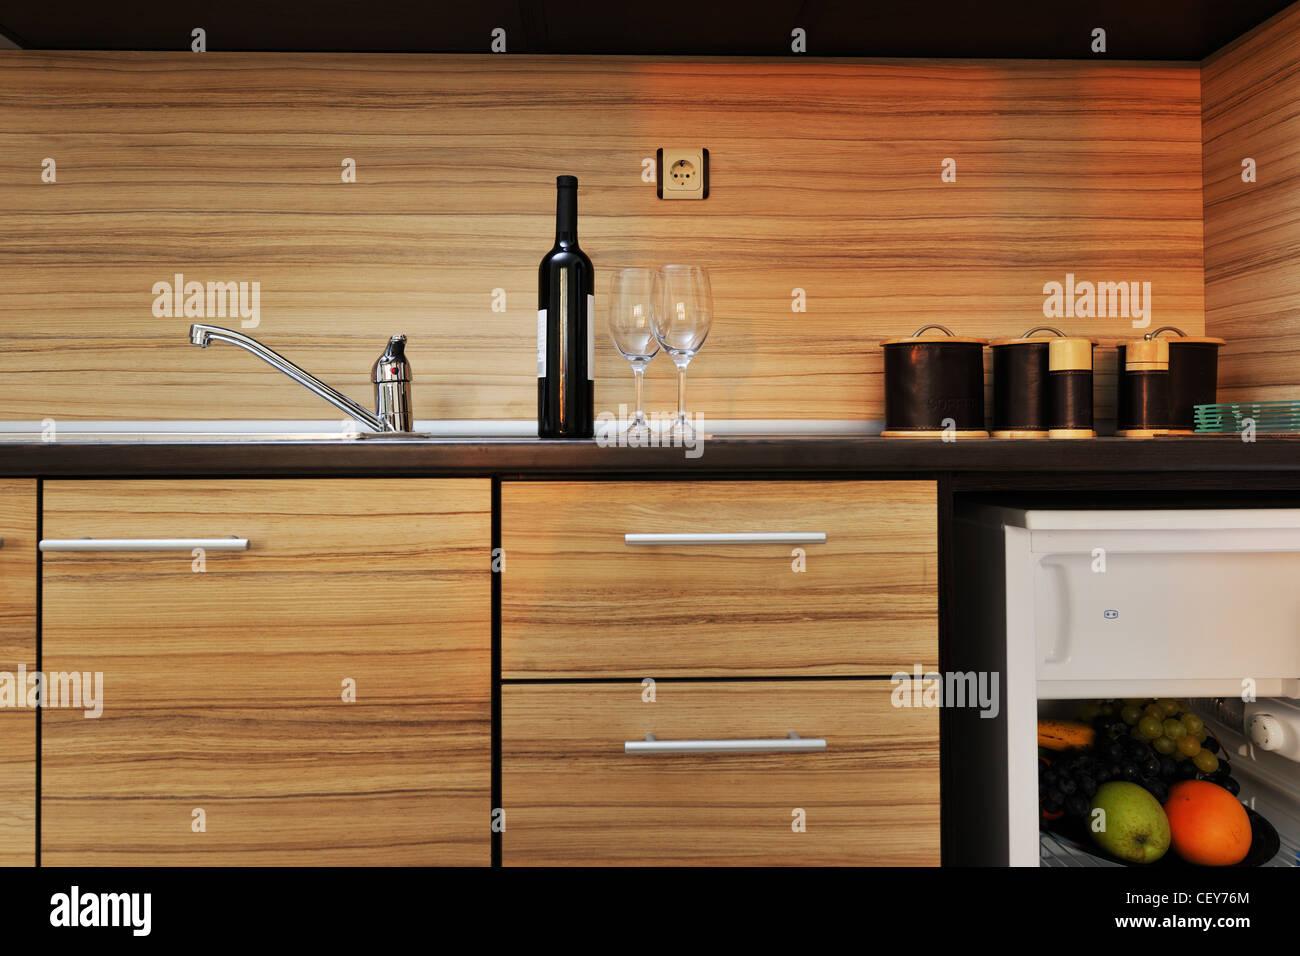 Cocina moderna con muebles de madera con fregadero y ...